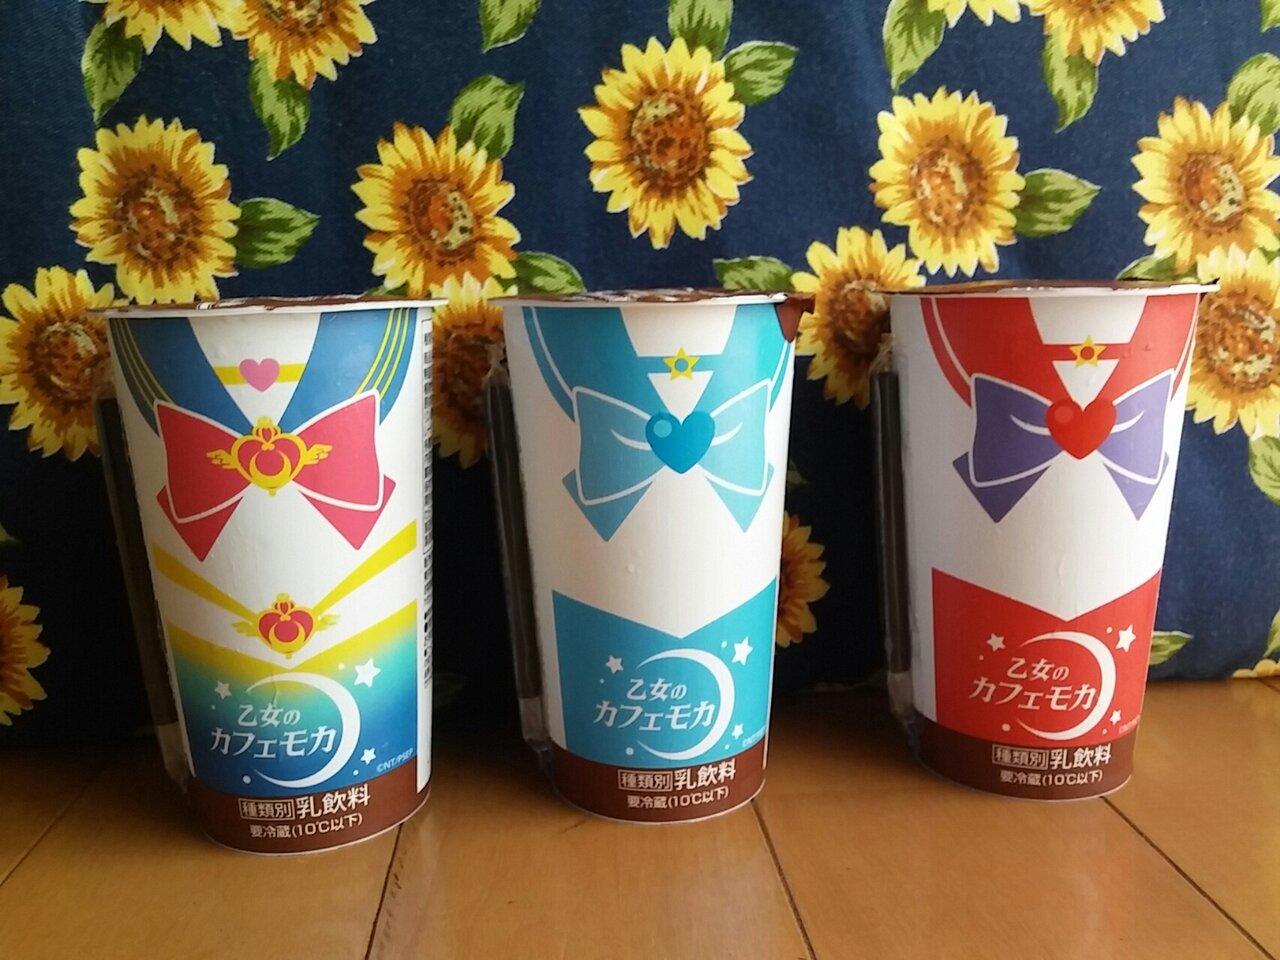 カフェモカ セーラームーン かわいすぎるセラムン汁!『セーラームーン』カフェモカを世代ど真ん中が味わってみた(2021年1月6日) ウーマンエキサイト(1/3)